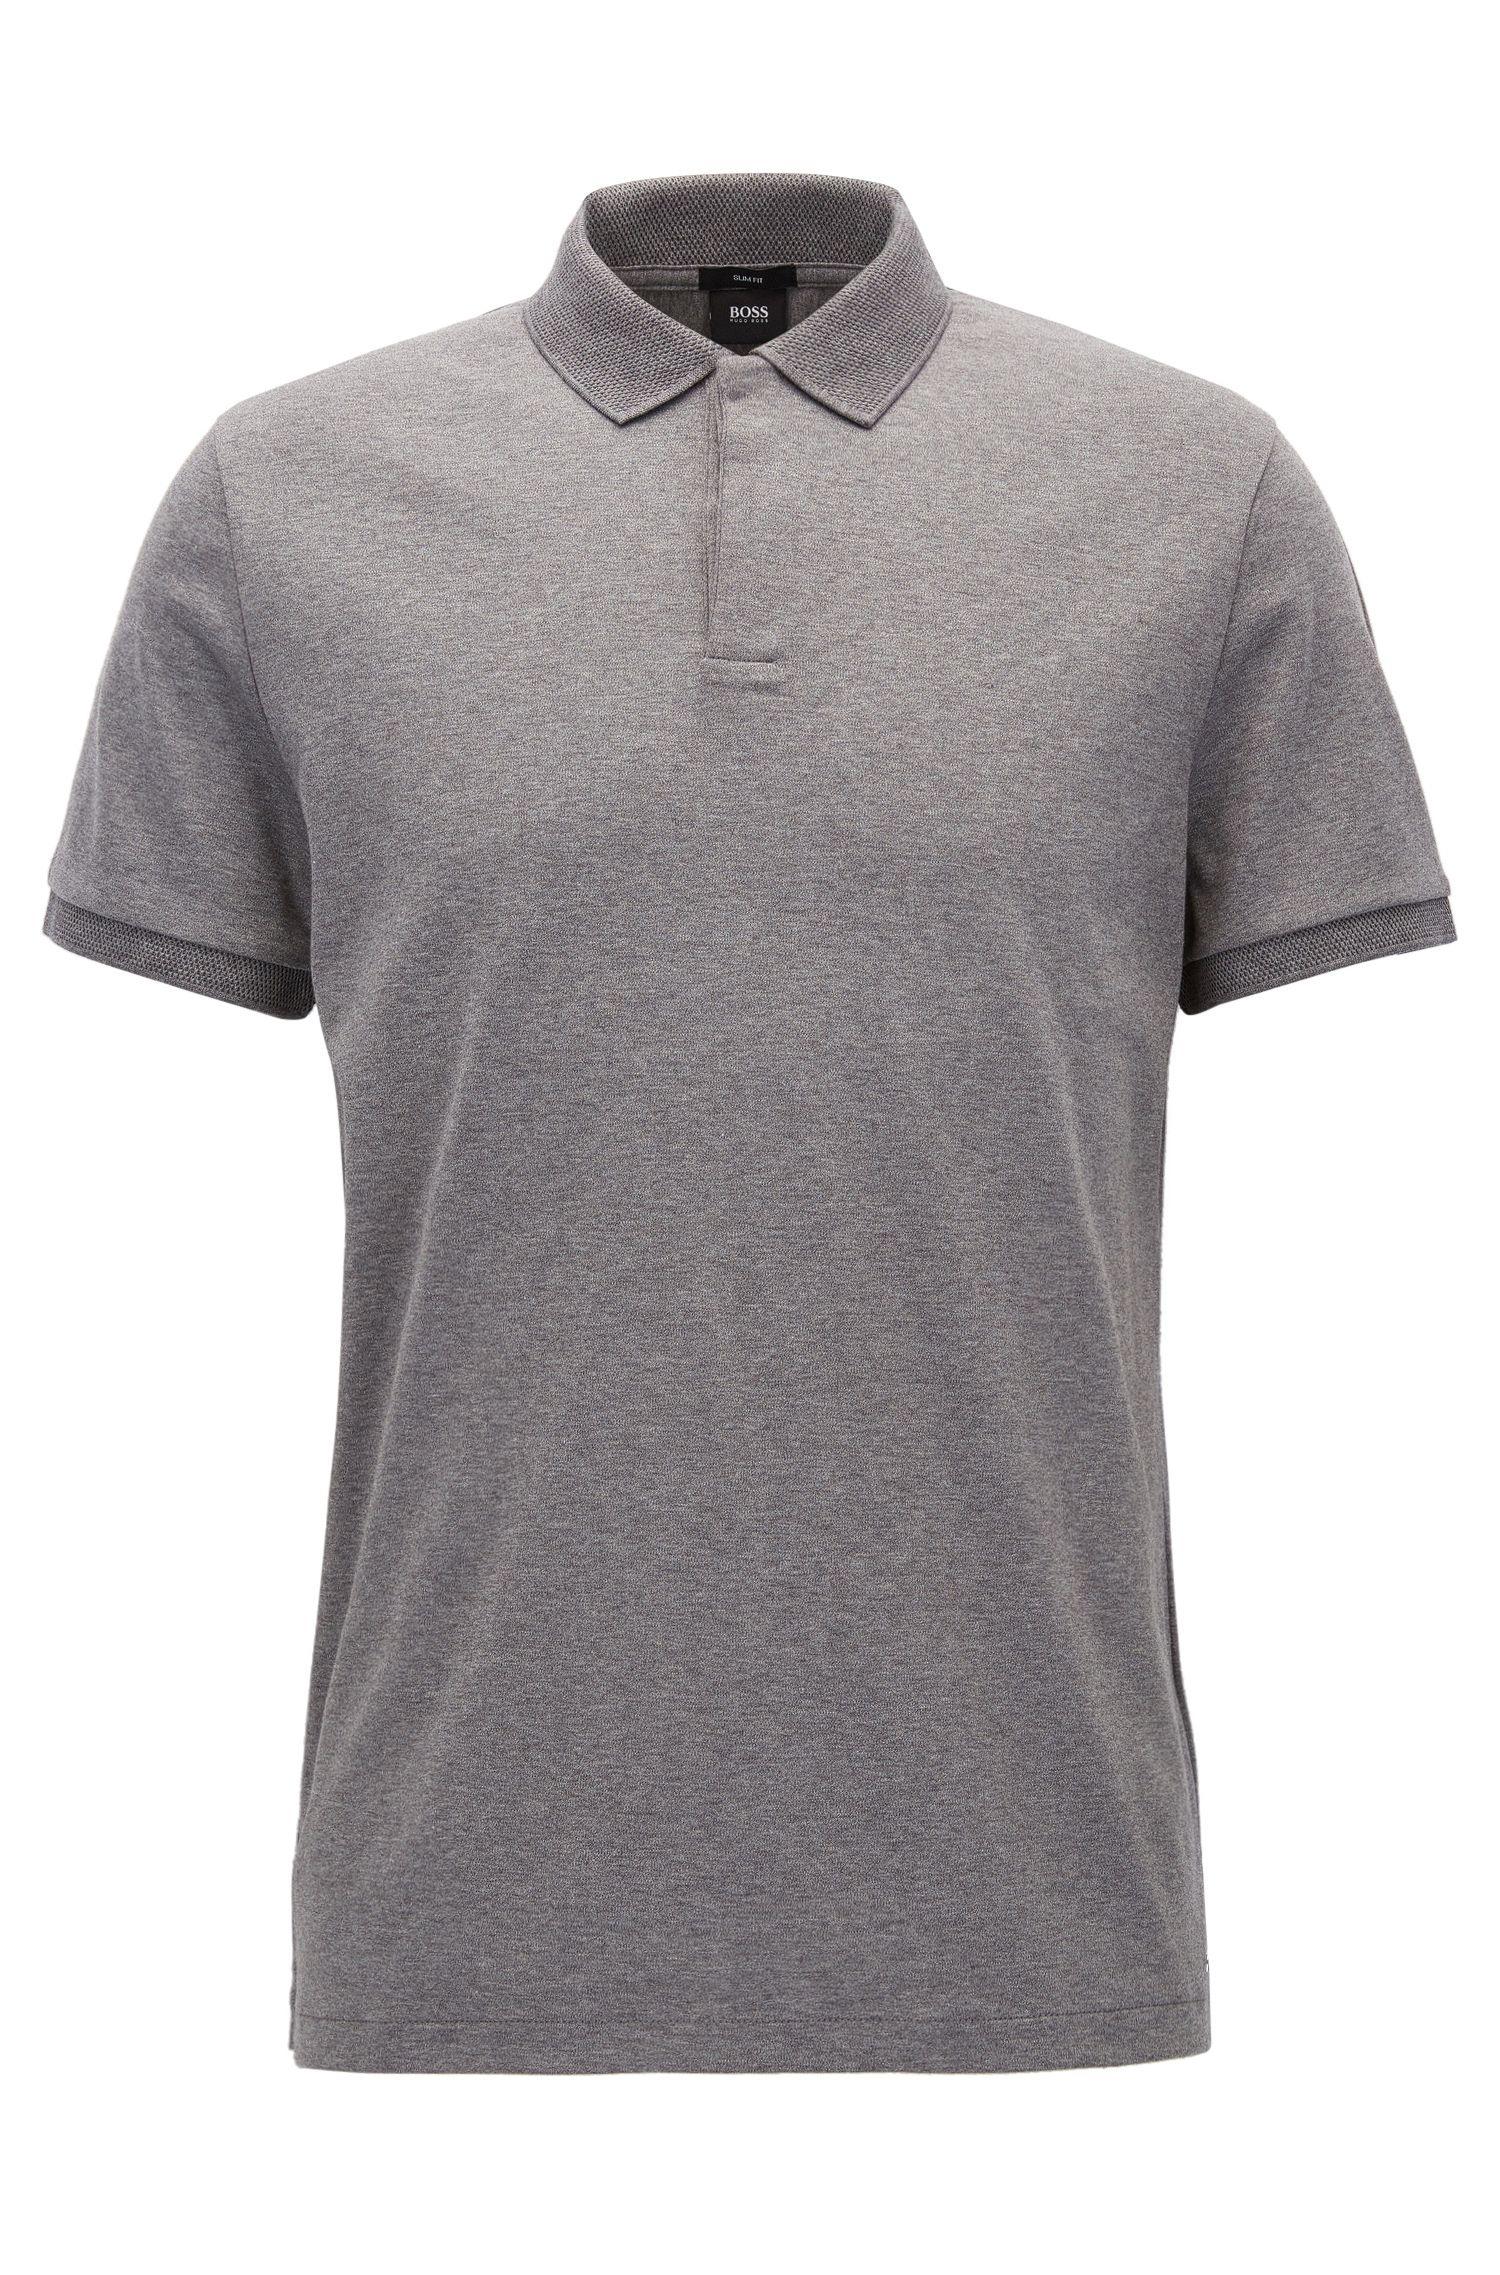 Slim-Fit Poloshirt aus Baumwolle aus der Mercedes-Benz Kollektion